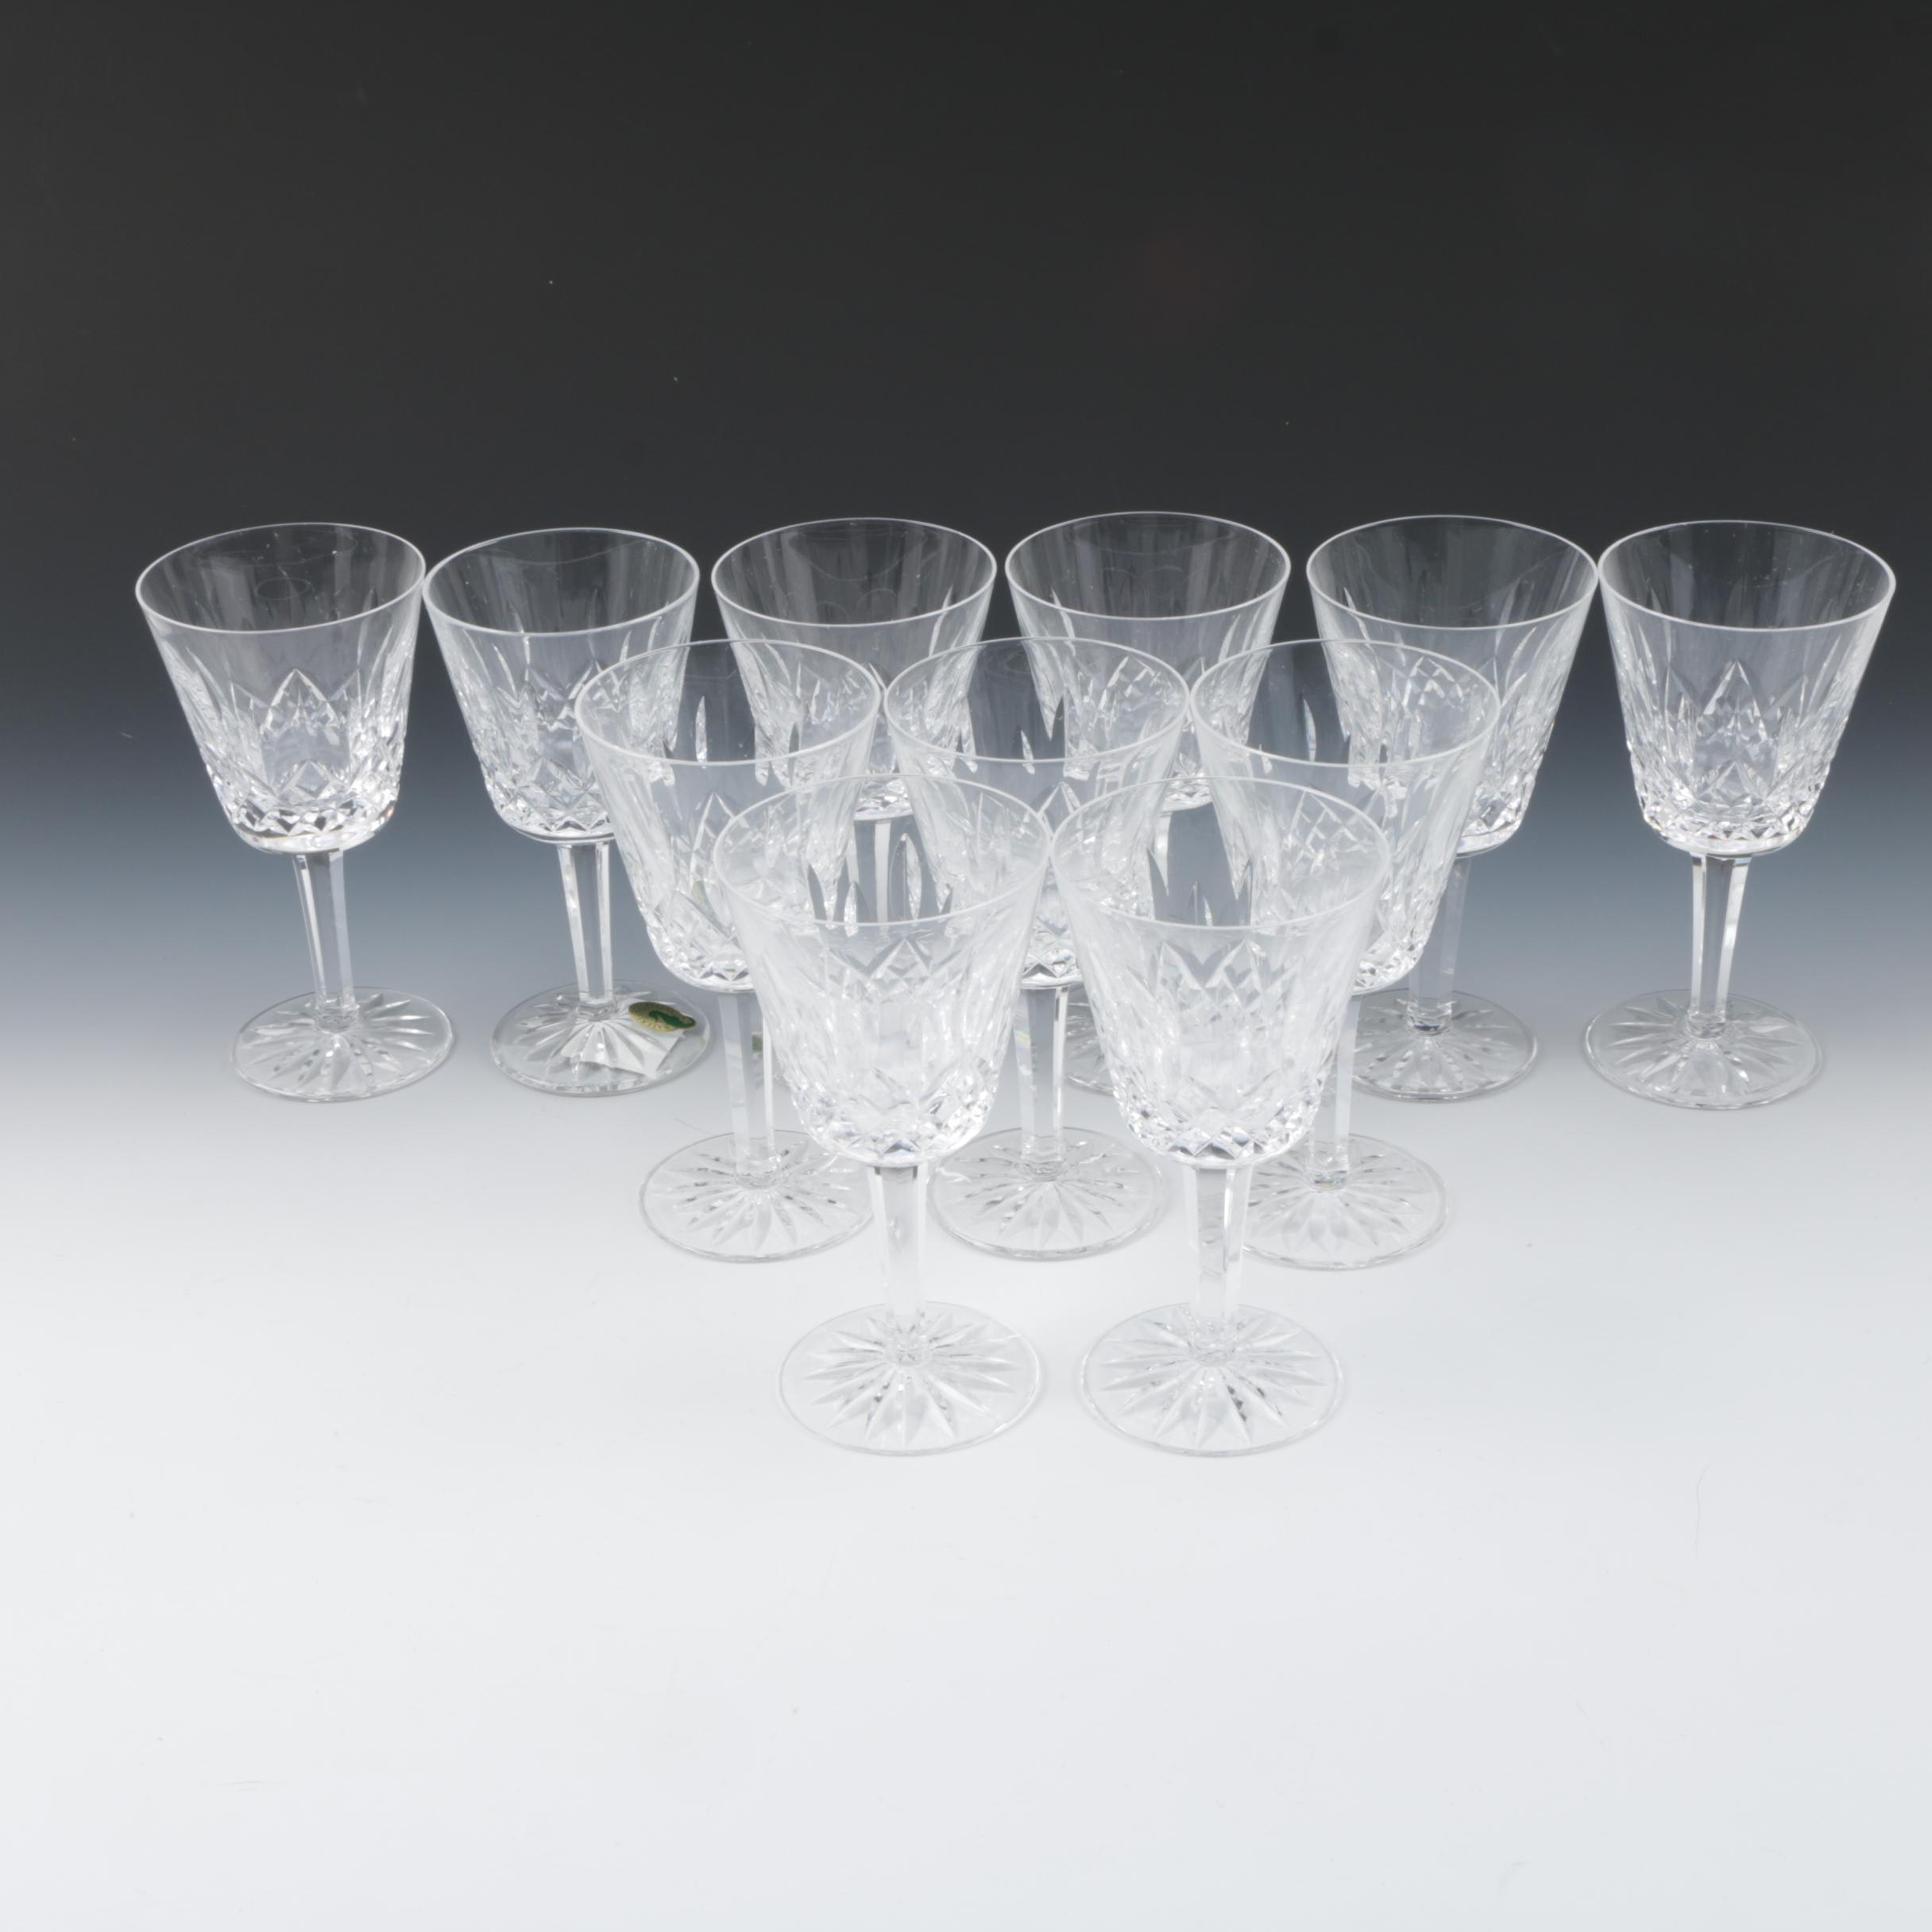 Waterford Crystal 'Lismore' Claret Set